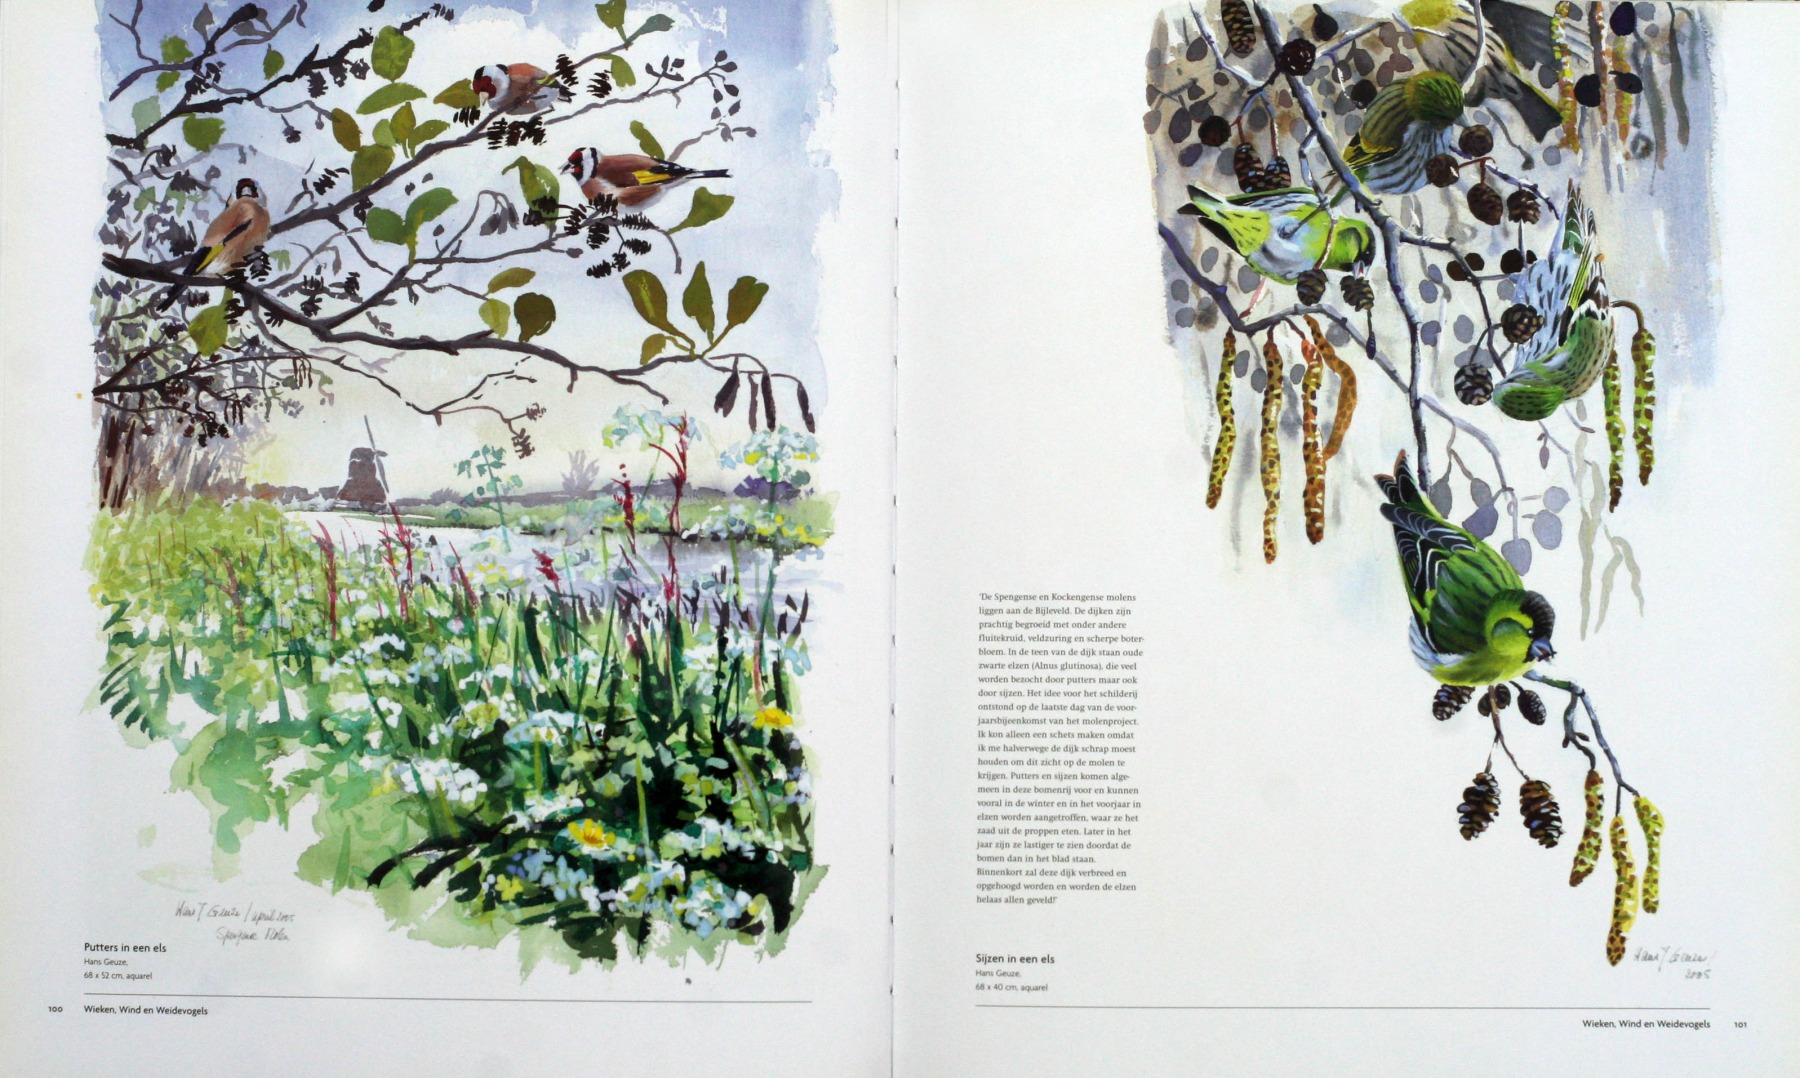 Wieken-Wind-en-Weidevogels-2006-5